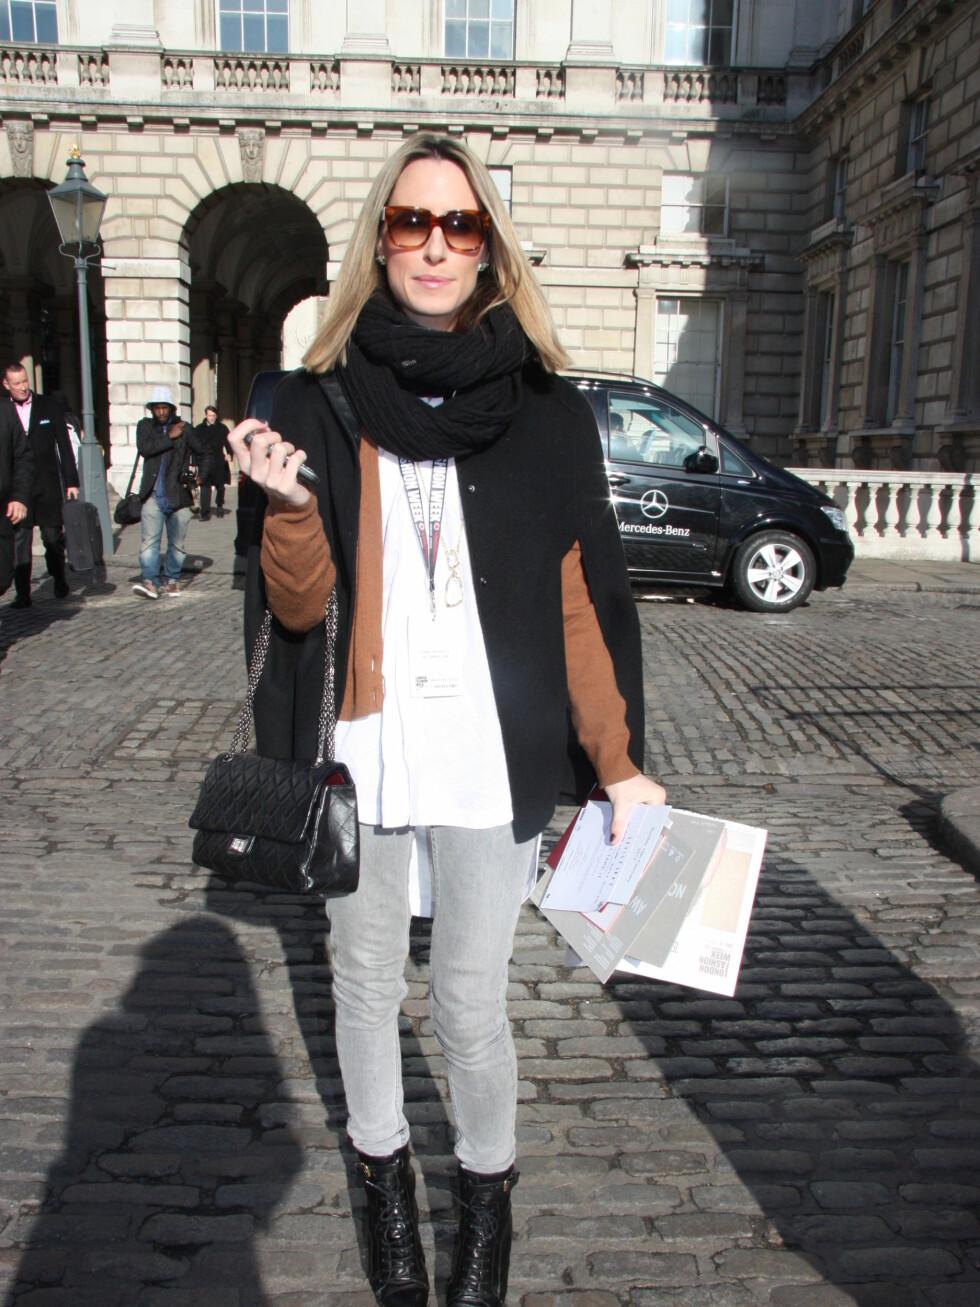 Fiona Patterson (31)har på seg kape fra Joseph, bukser fra Twenty8twelve, overdel fra Topshop, boots fra Burberry og veske fra Chanel Foto: Tone Ra Pedersen